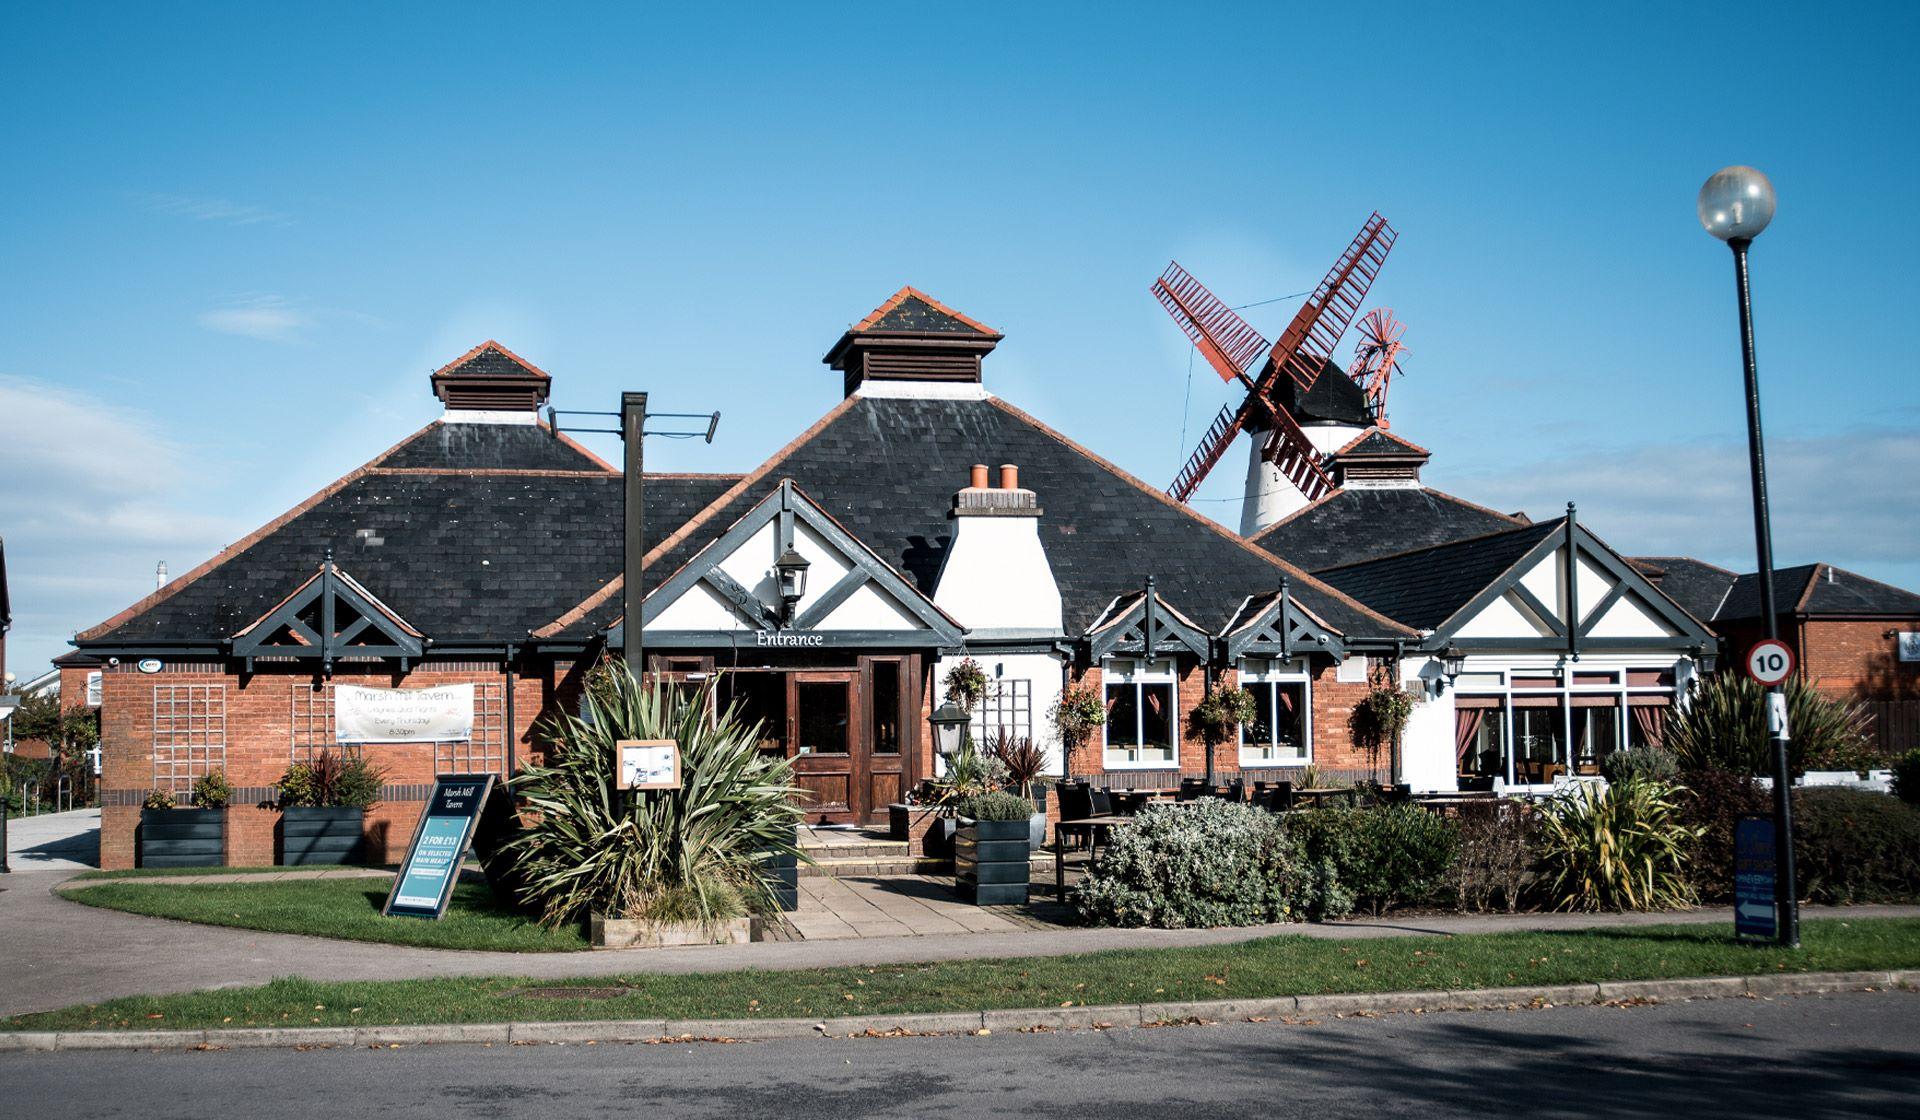 marsh mill tavern joseph holt pub lancashire